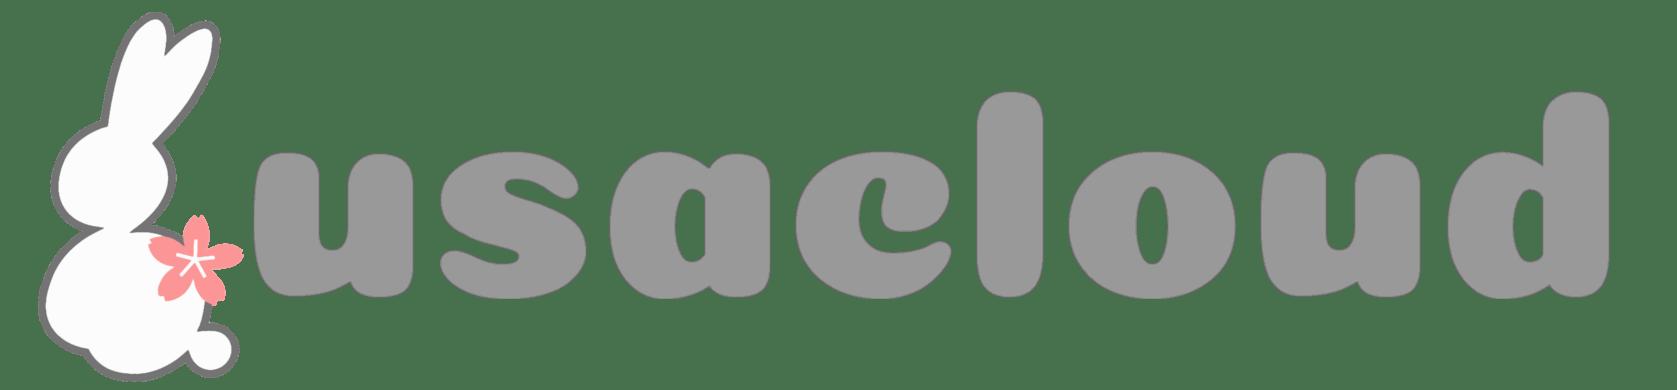 usacloud_logo_h.png